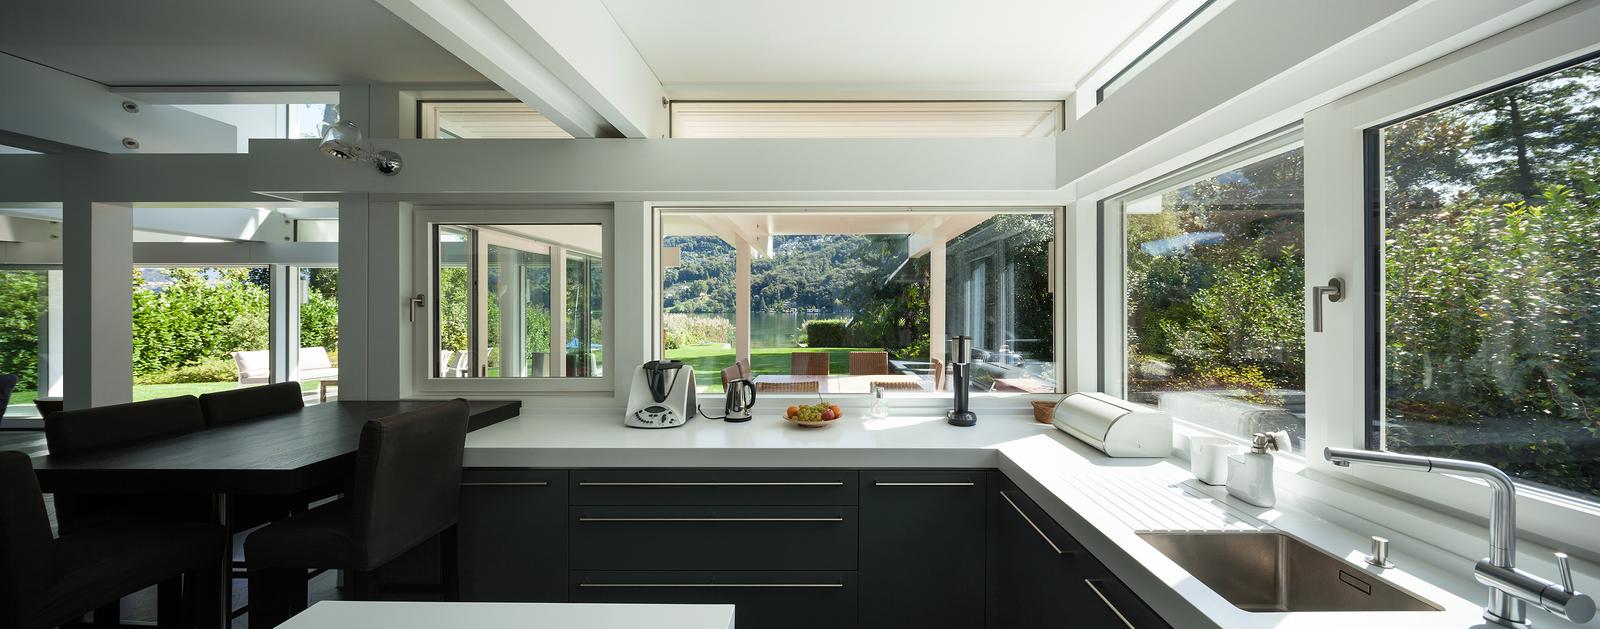 Ventanas de aluminio vs ventanas de pvc cual es mejor for Cuanto cuesta el aluminio para ventanas